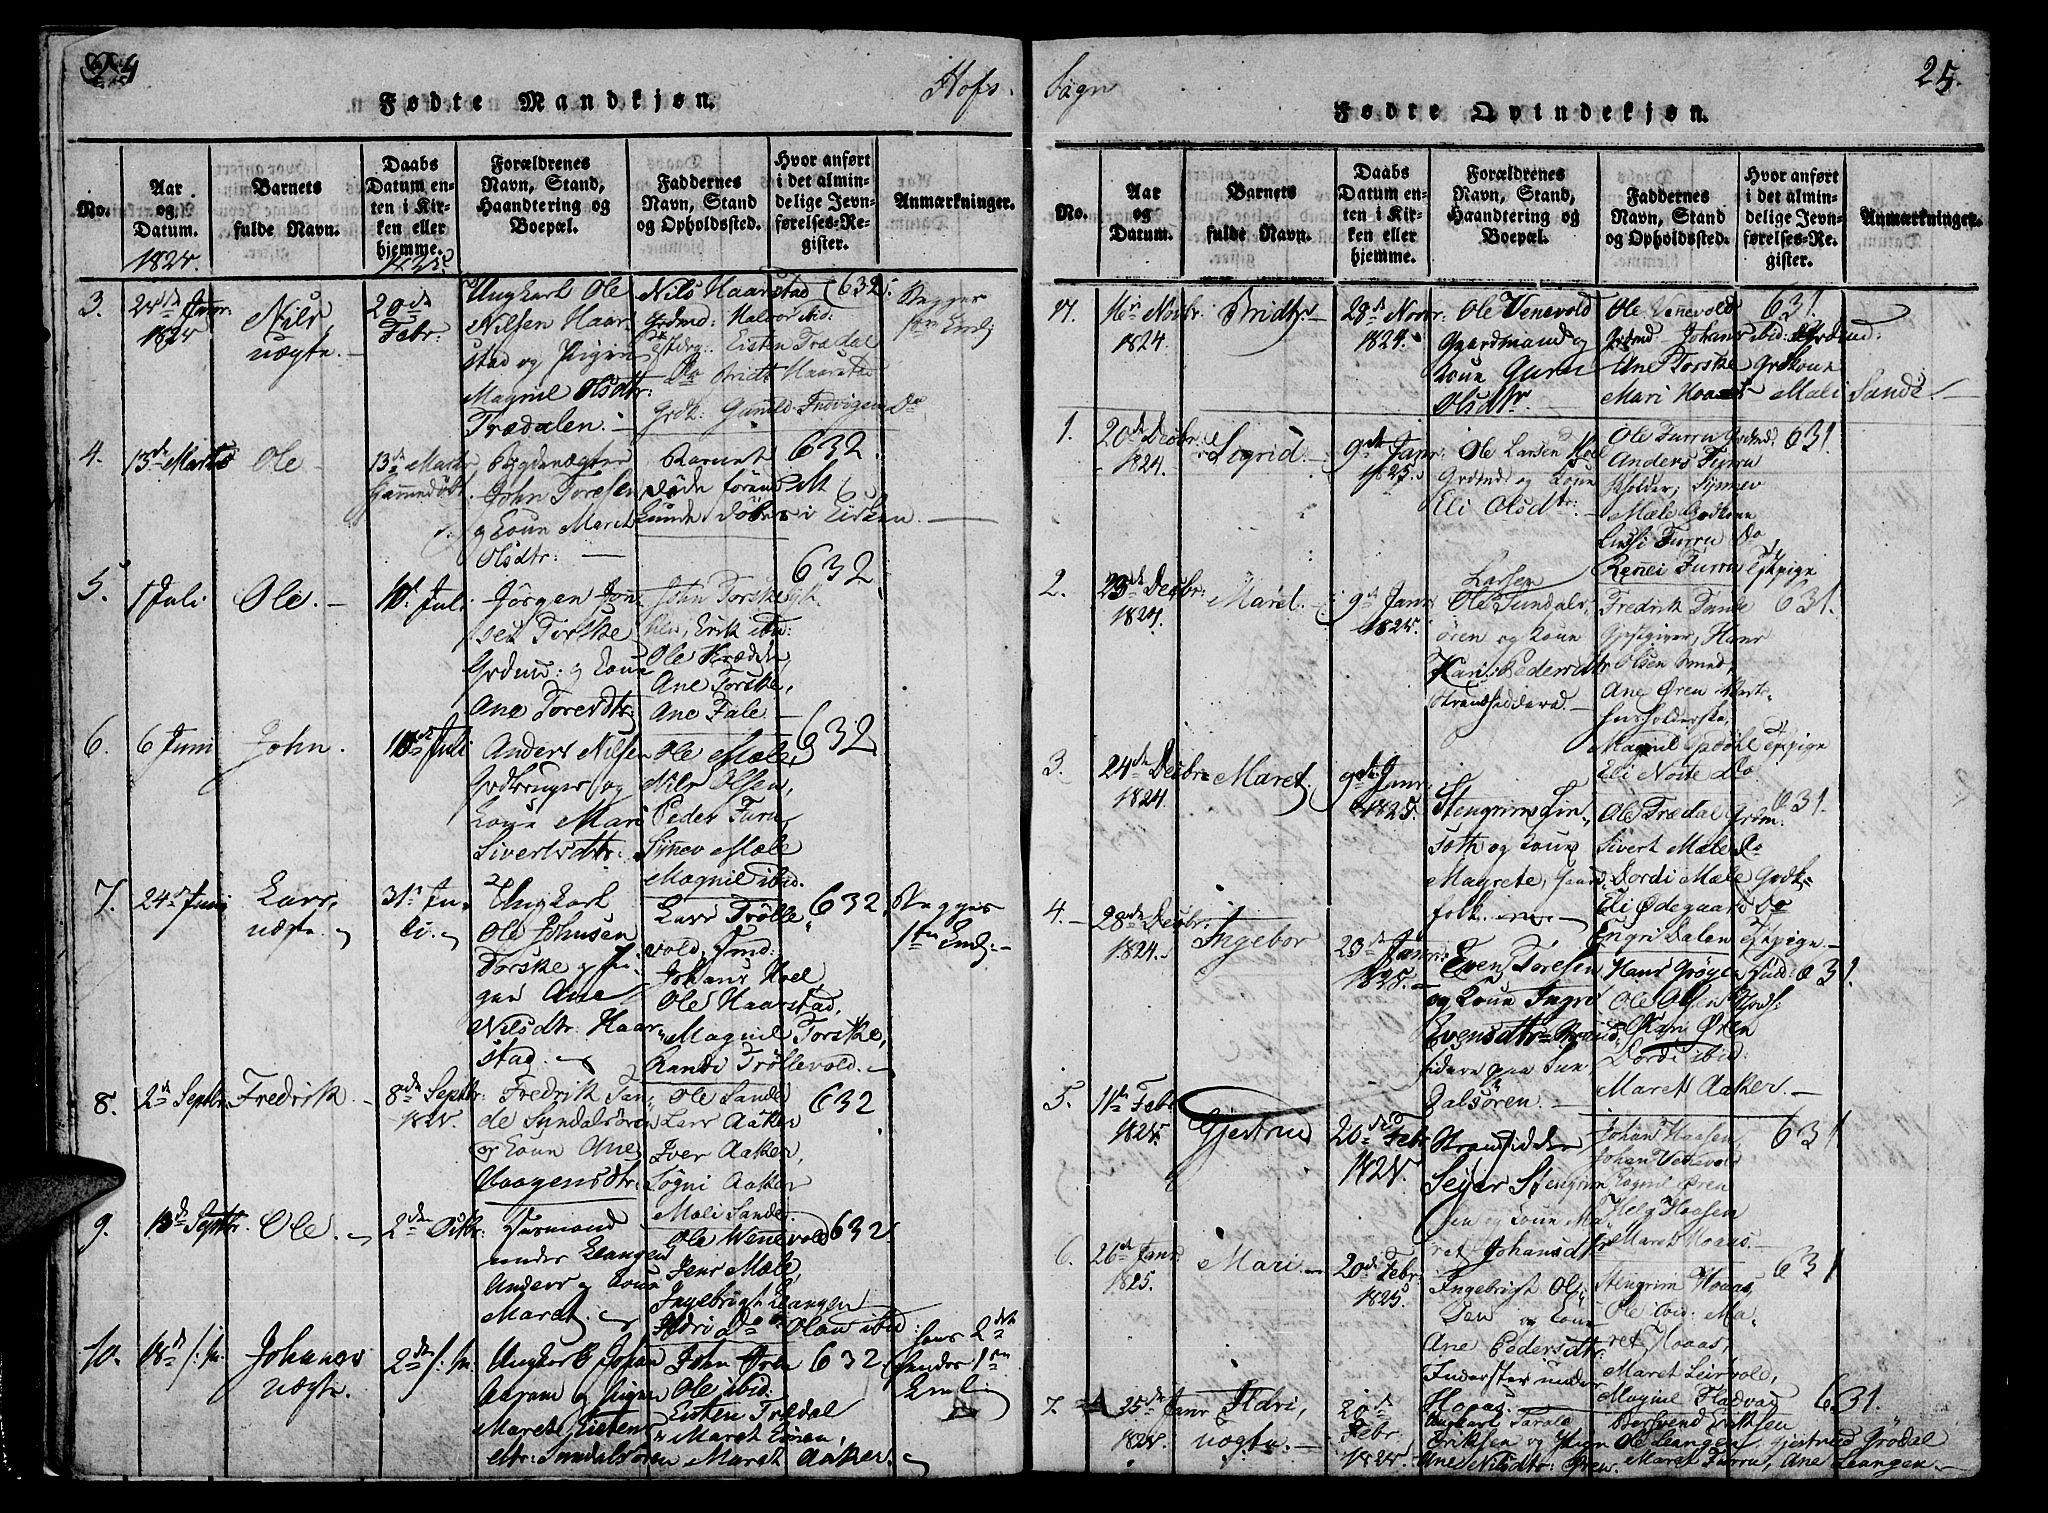 SAT, Ministerialprotokoller, klokkerbøker og fødselsregistre - Møre og Romsdal, 590/L1009: Ministerialbok nr. 590A03 /1, 1819-1832, s. 24-25